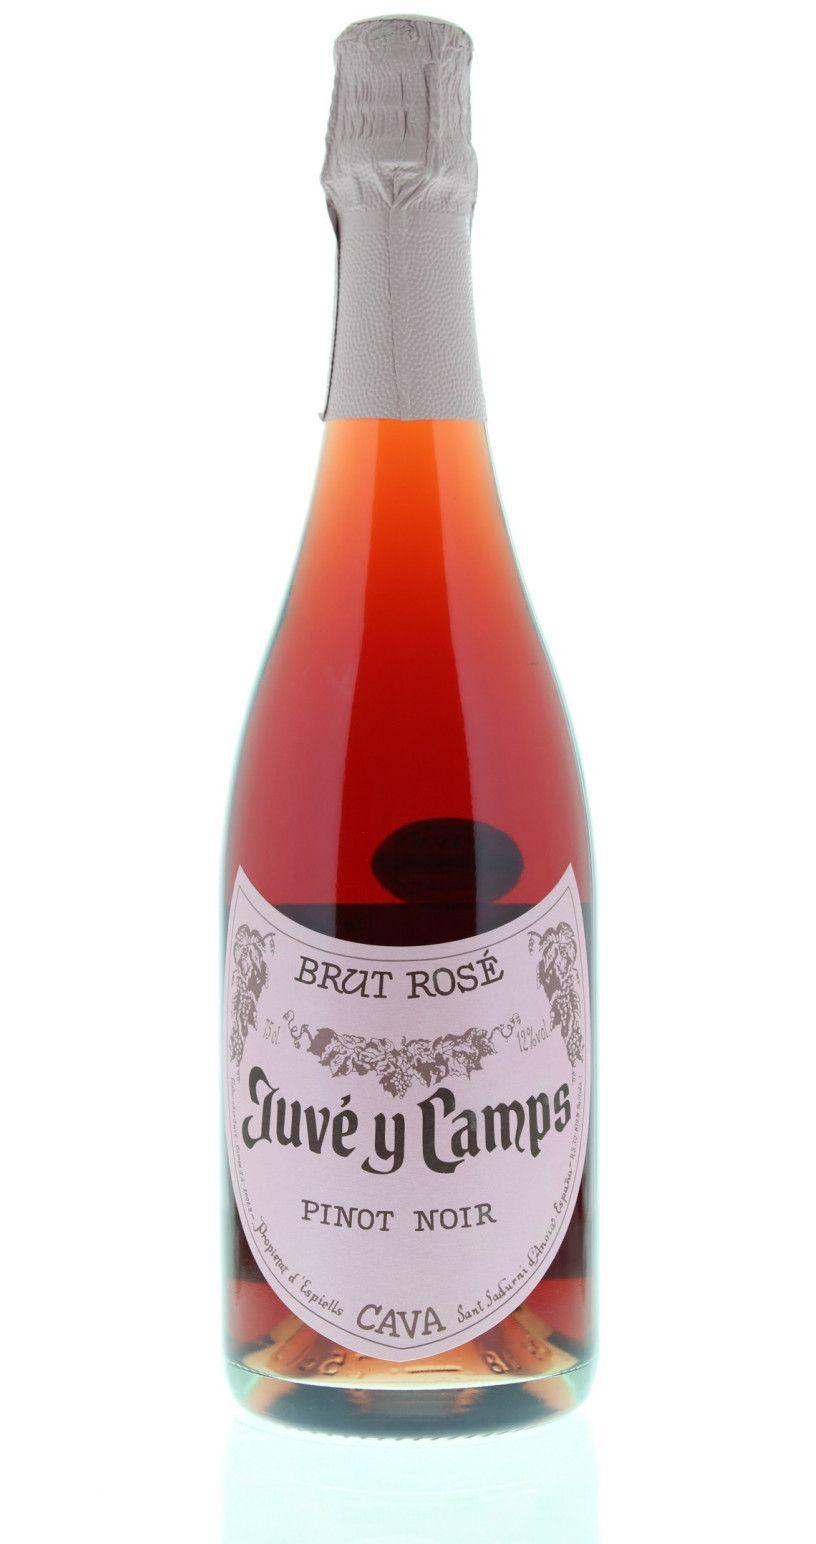 Juve Y Camps Pinot Noir Brut Rose Cava Sparkling Wine Sparkling Wine Brands Sparkling Wine